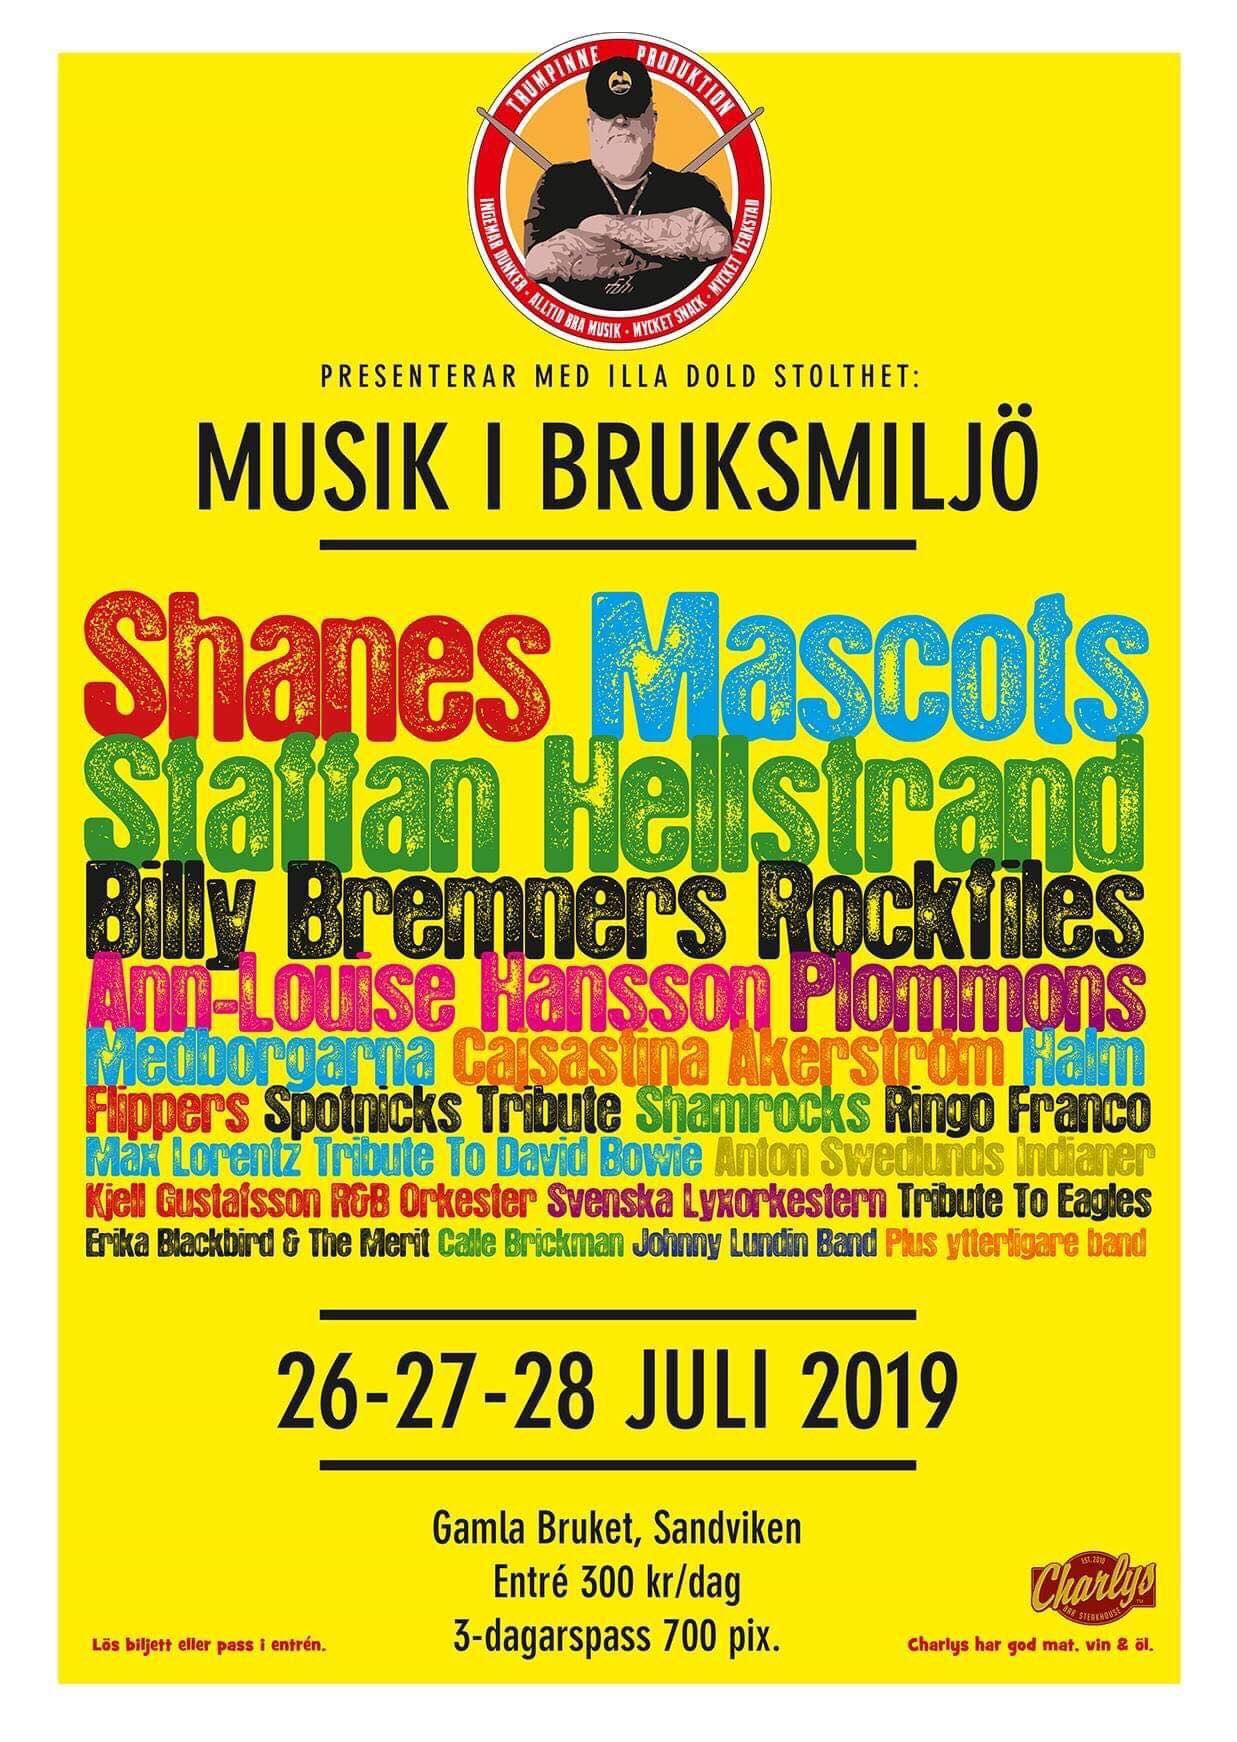 Musik i Bruksmiljö